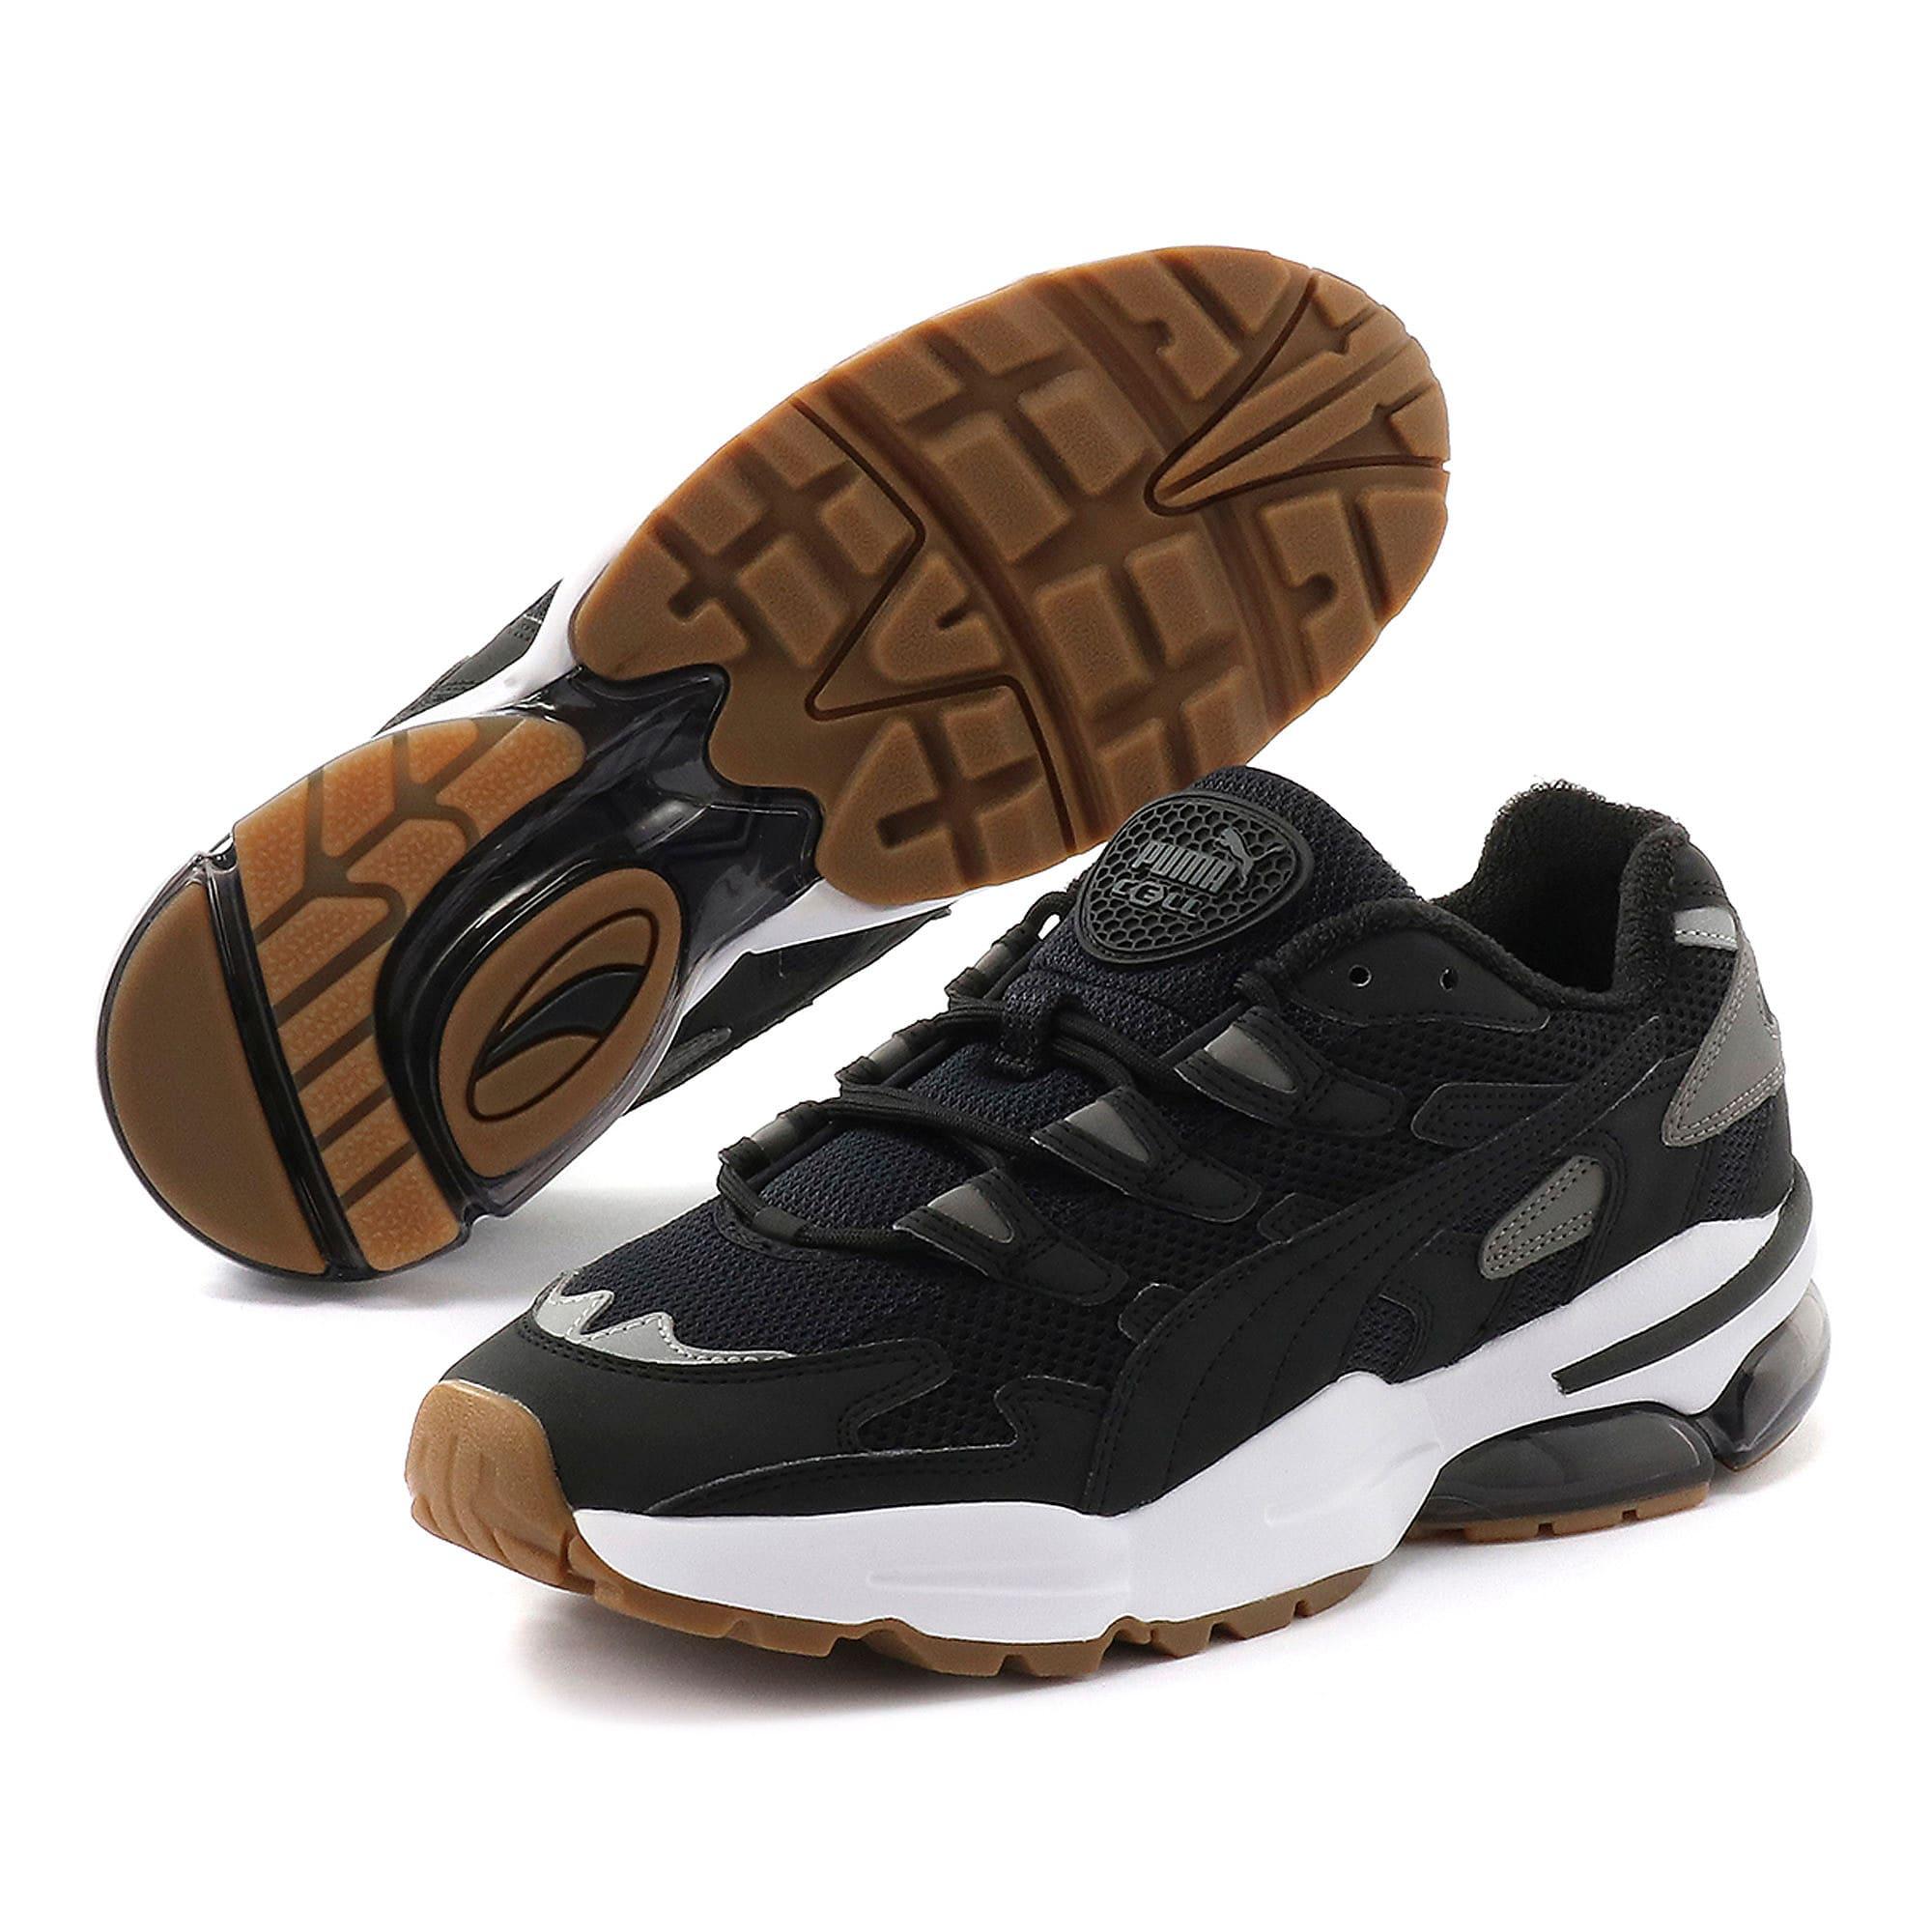 Thumbnail 2 of CELL Alien OG Sneakers, Puma Black-Gum, medium